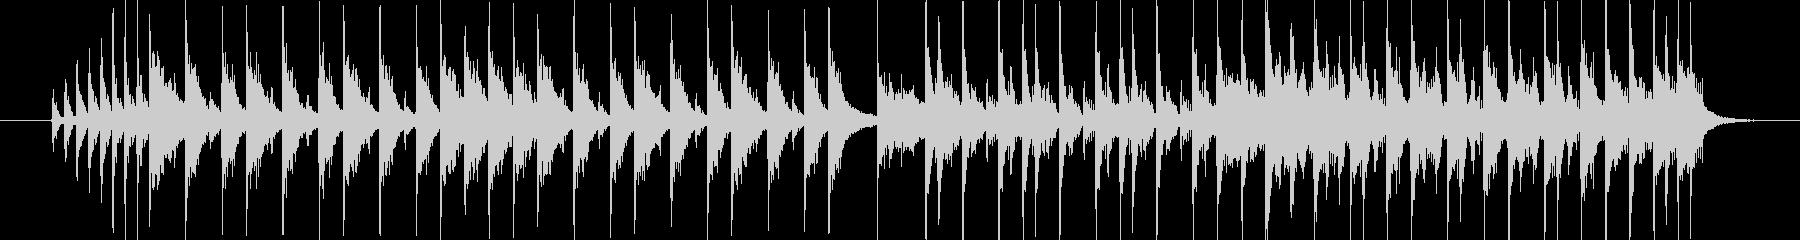 15秒のジングルとして制作した楽曲です。の未再生の波形